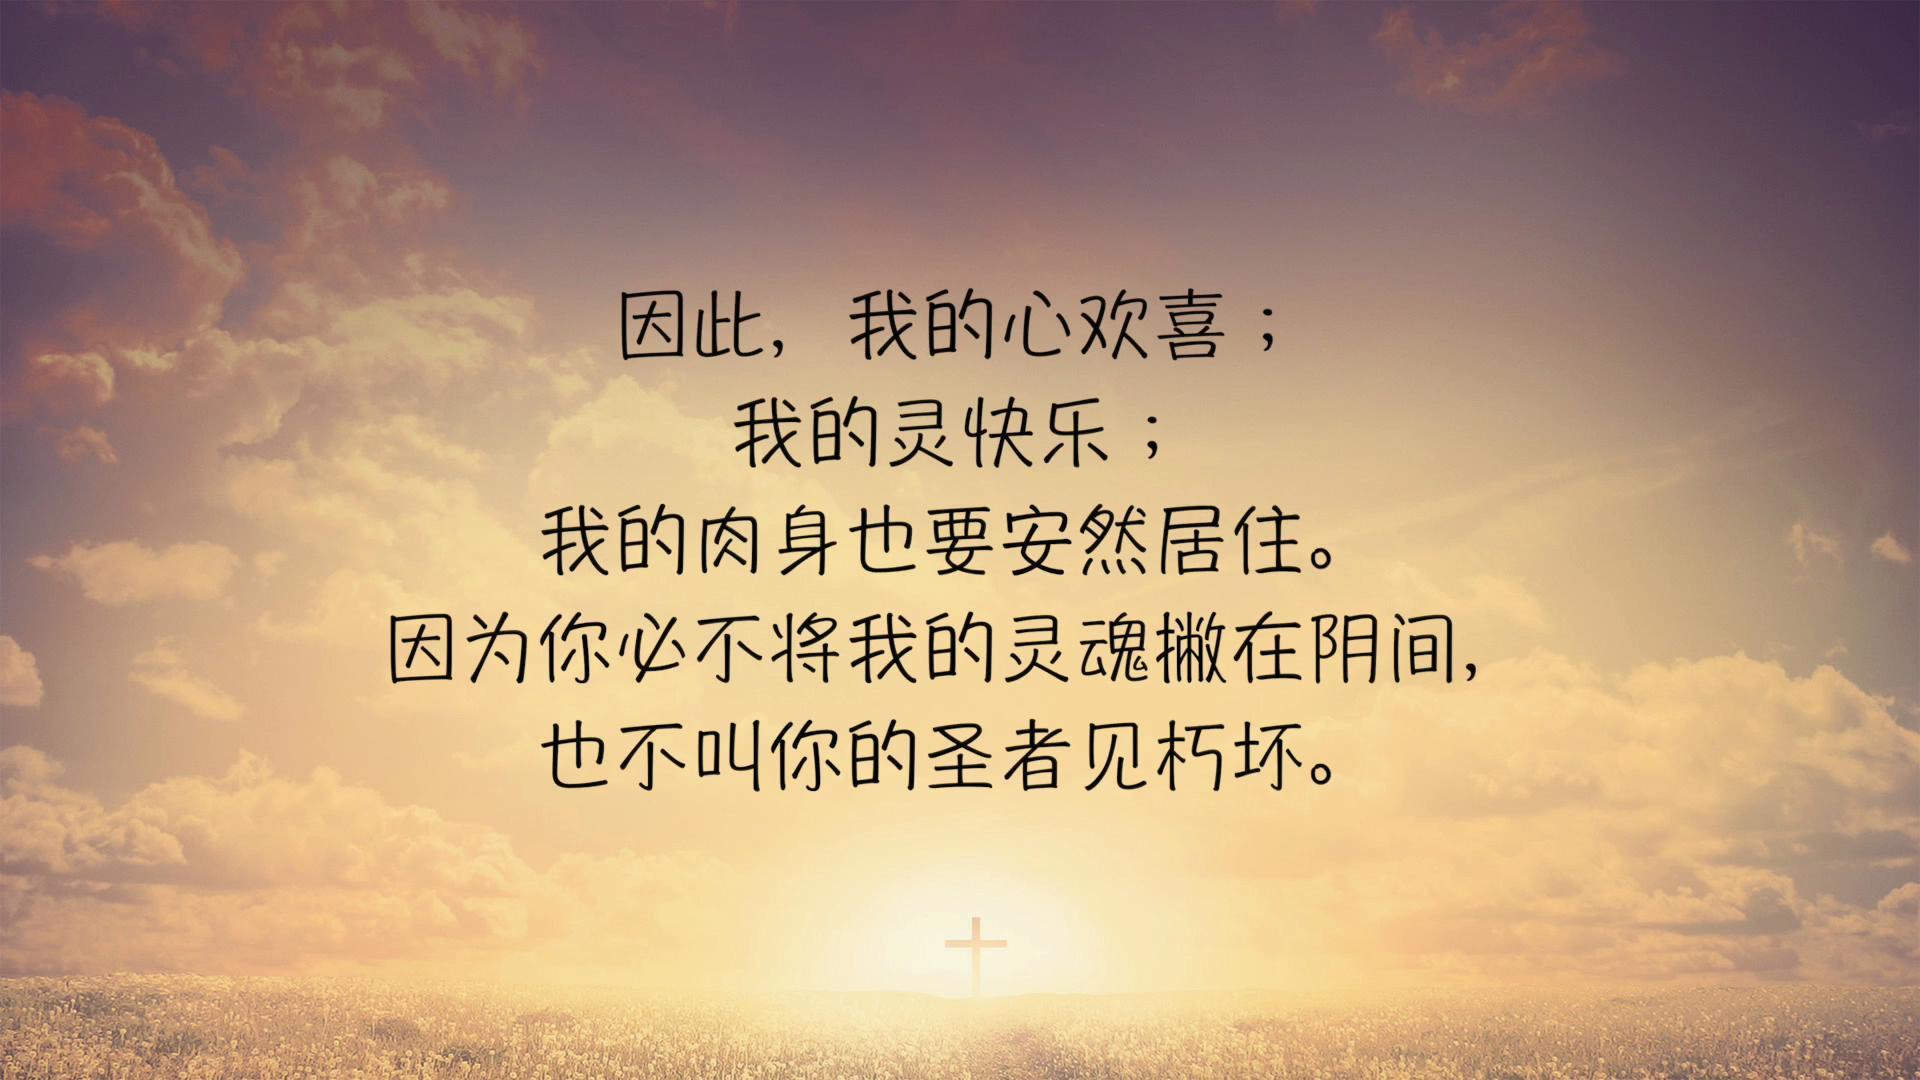 圣经三分钟 诗篇16续_20181218212541.JPG